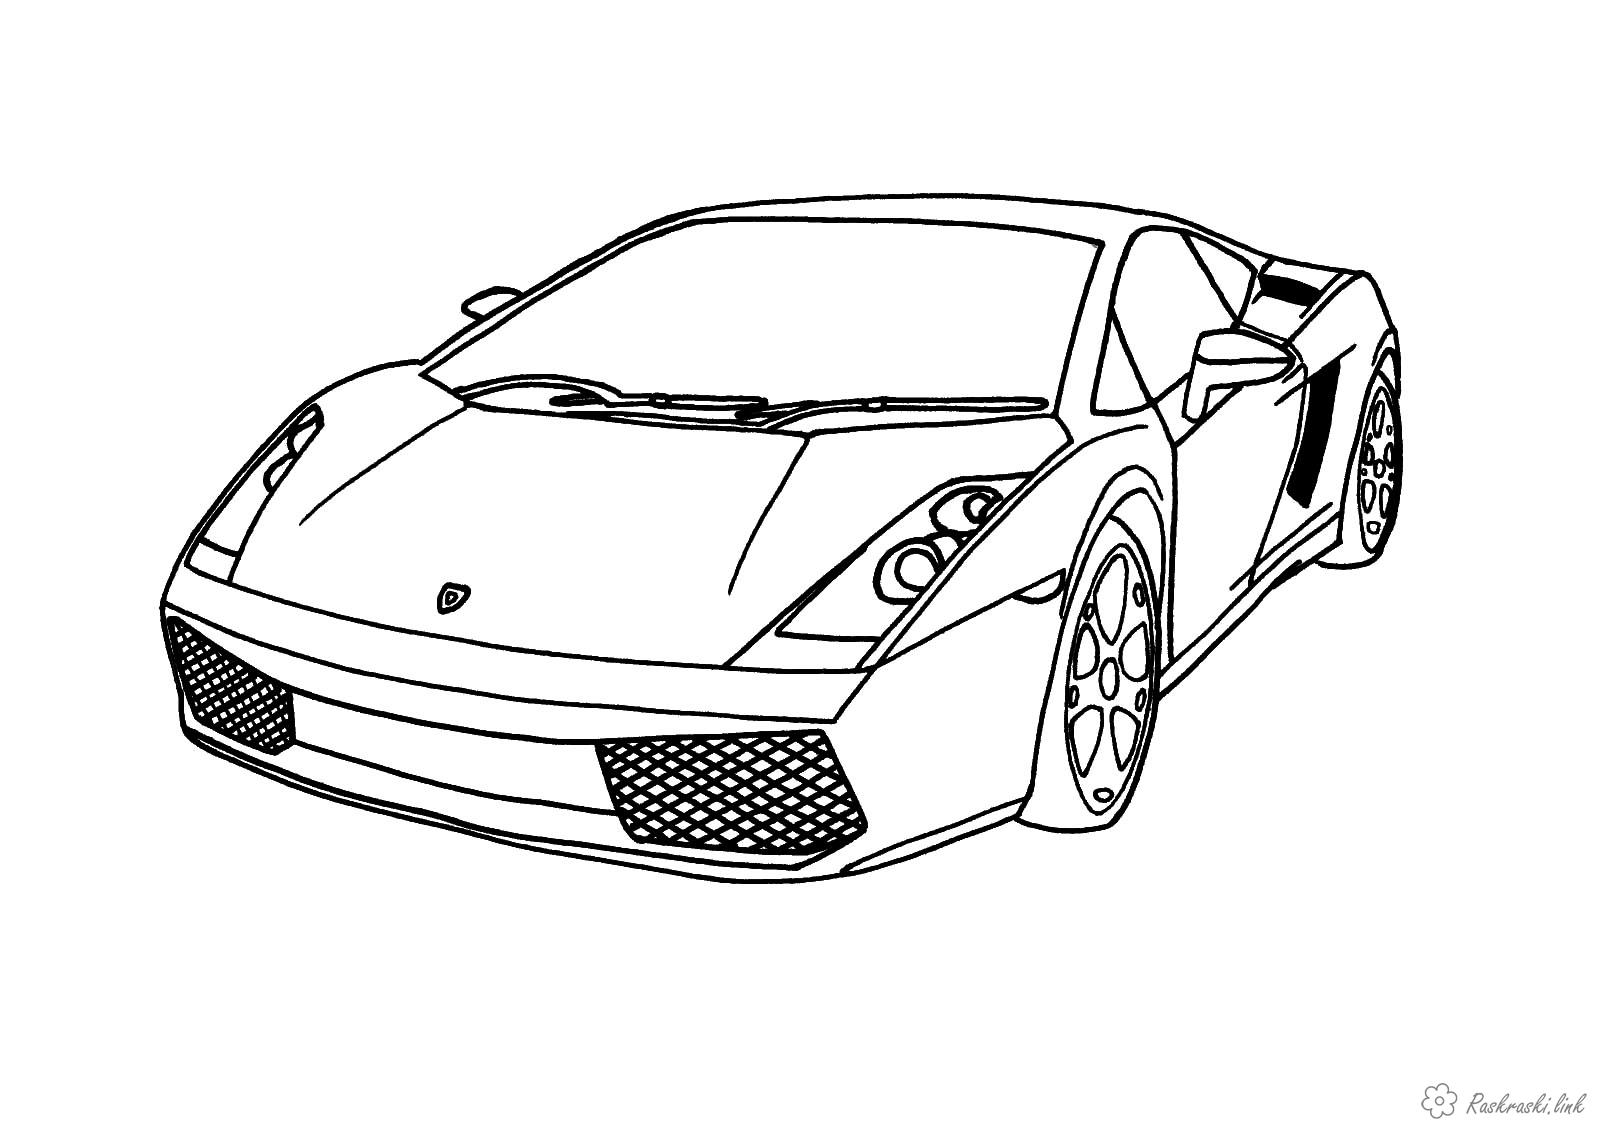 раскраски со спортивными машинами для детей   раскраски на тему спортивные машины для детей.  раскраски со спортивными машинами для мальчиков и девочек